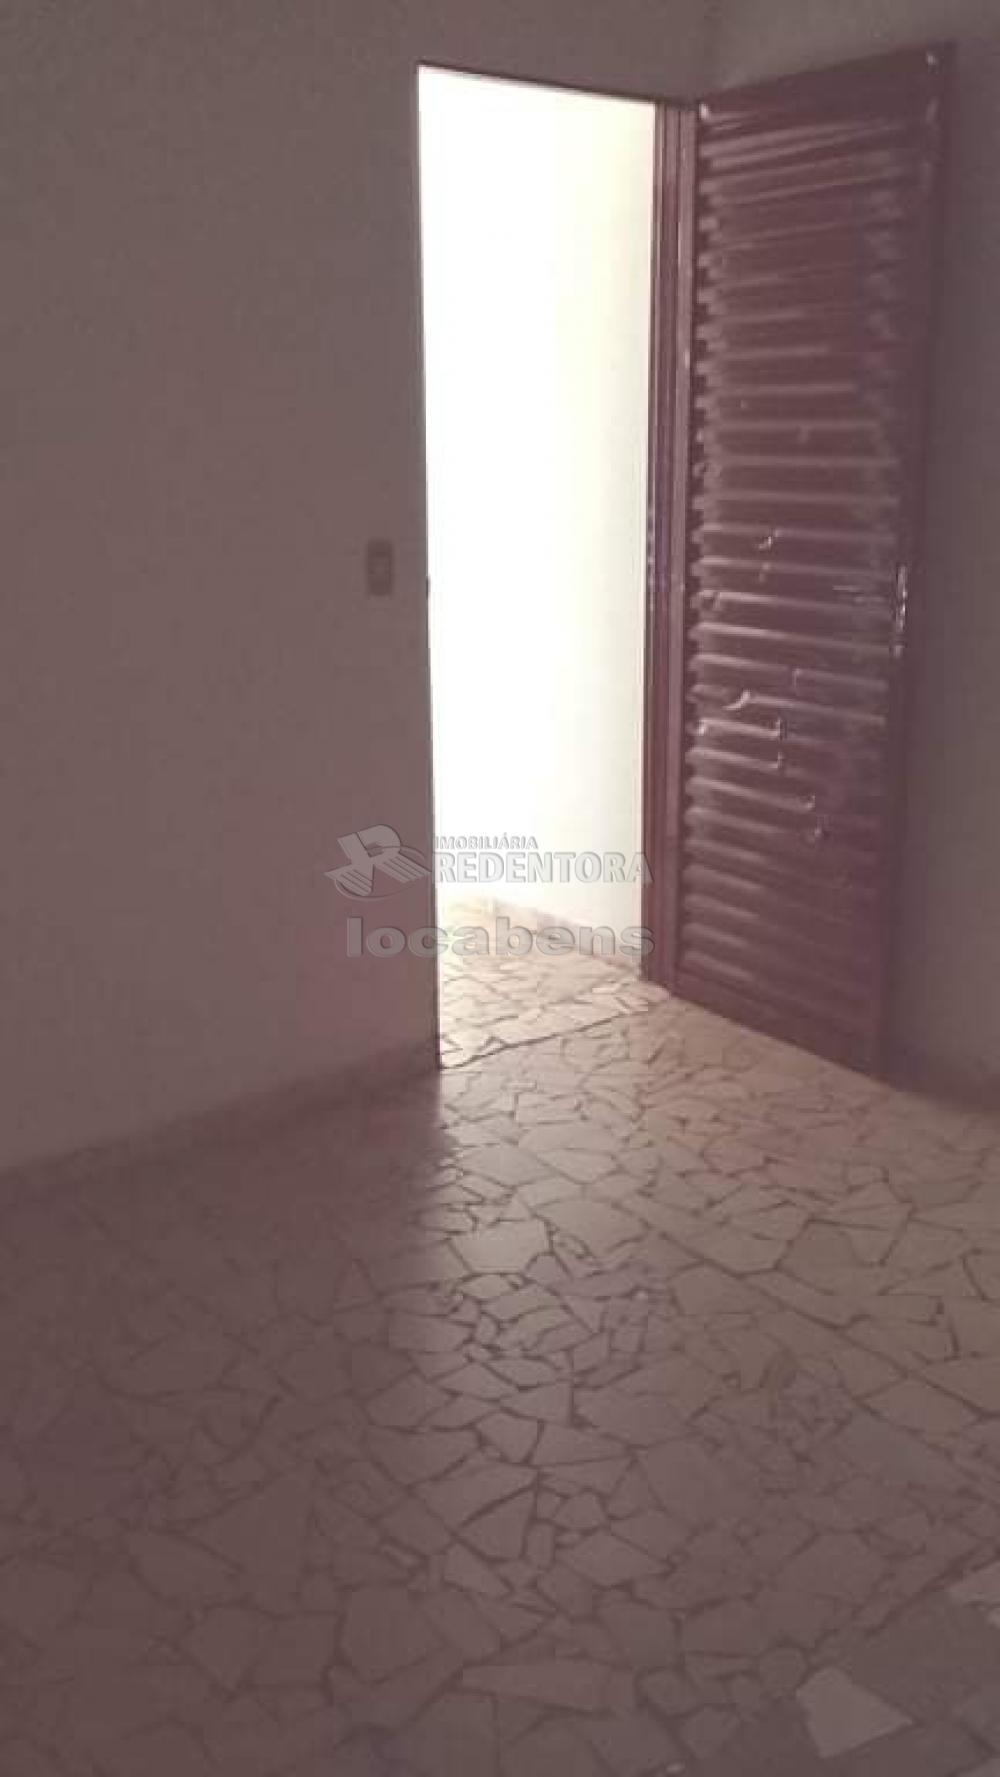 Comprar Casa / Padrão em São José do Rio Preto R$ 165.000,00 - Foto 8